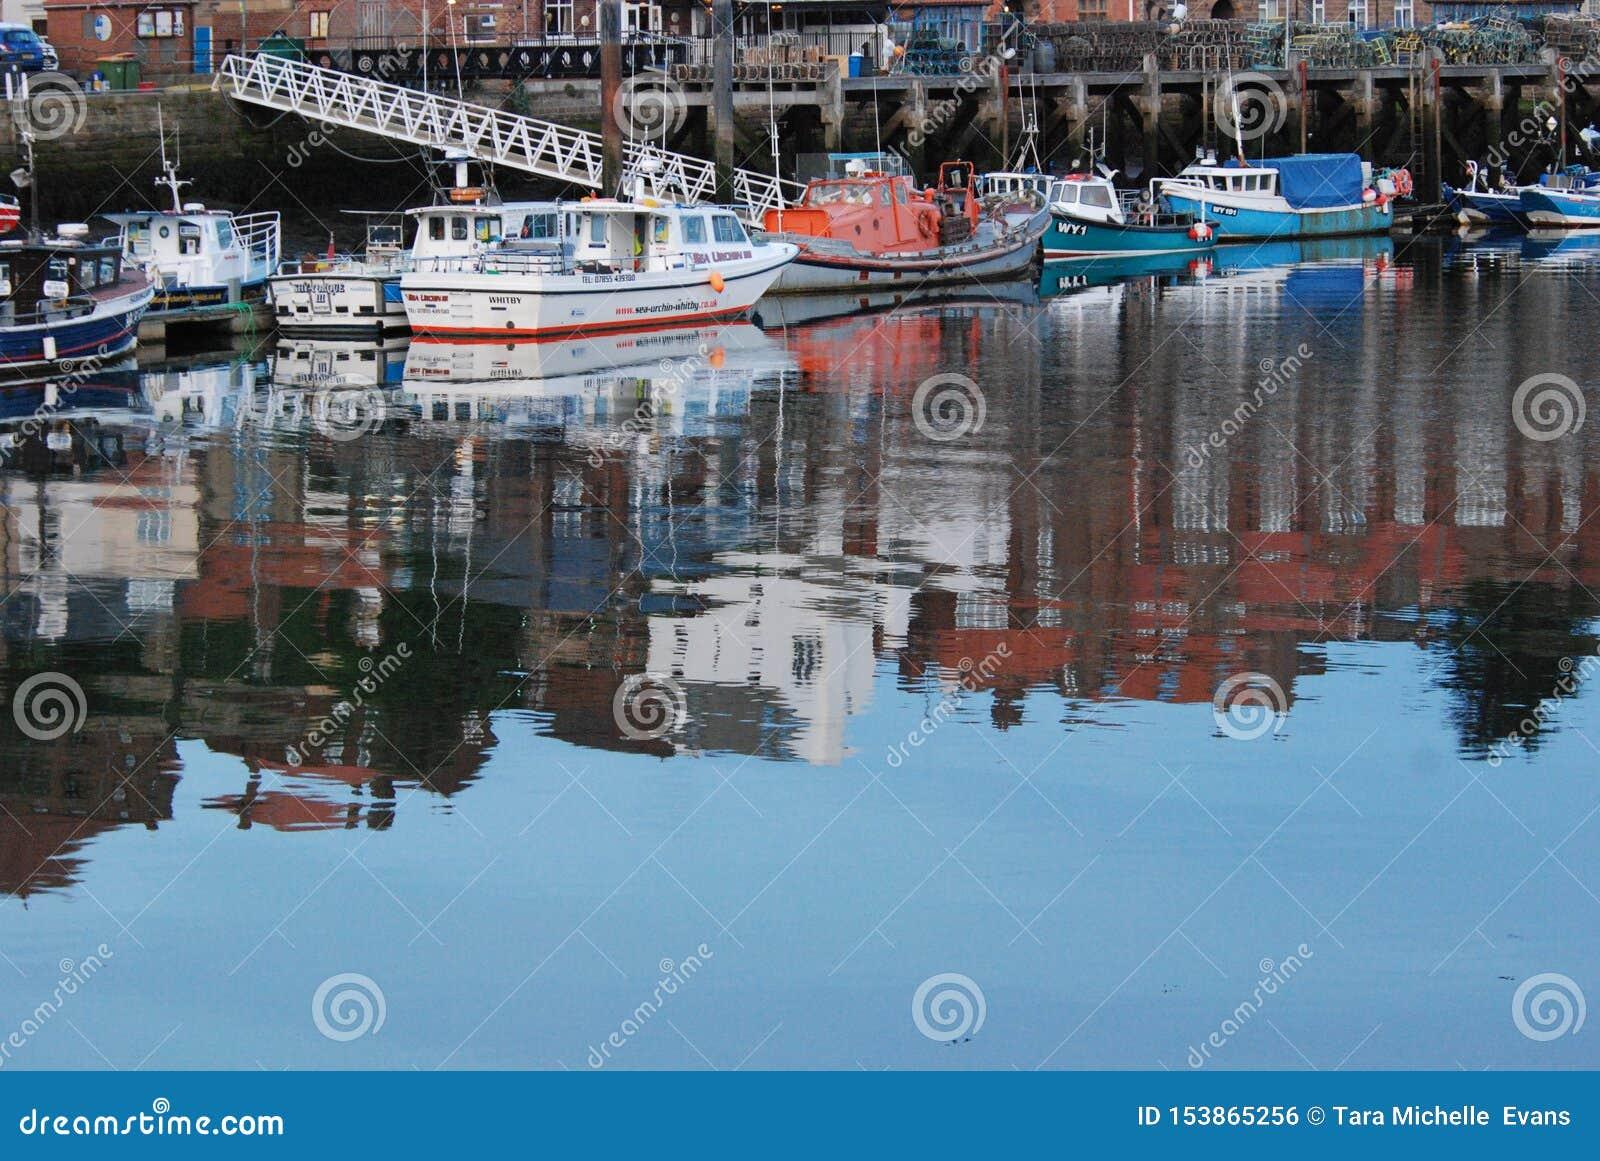 Widergespiegelter Hafen